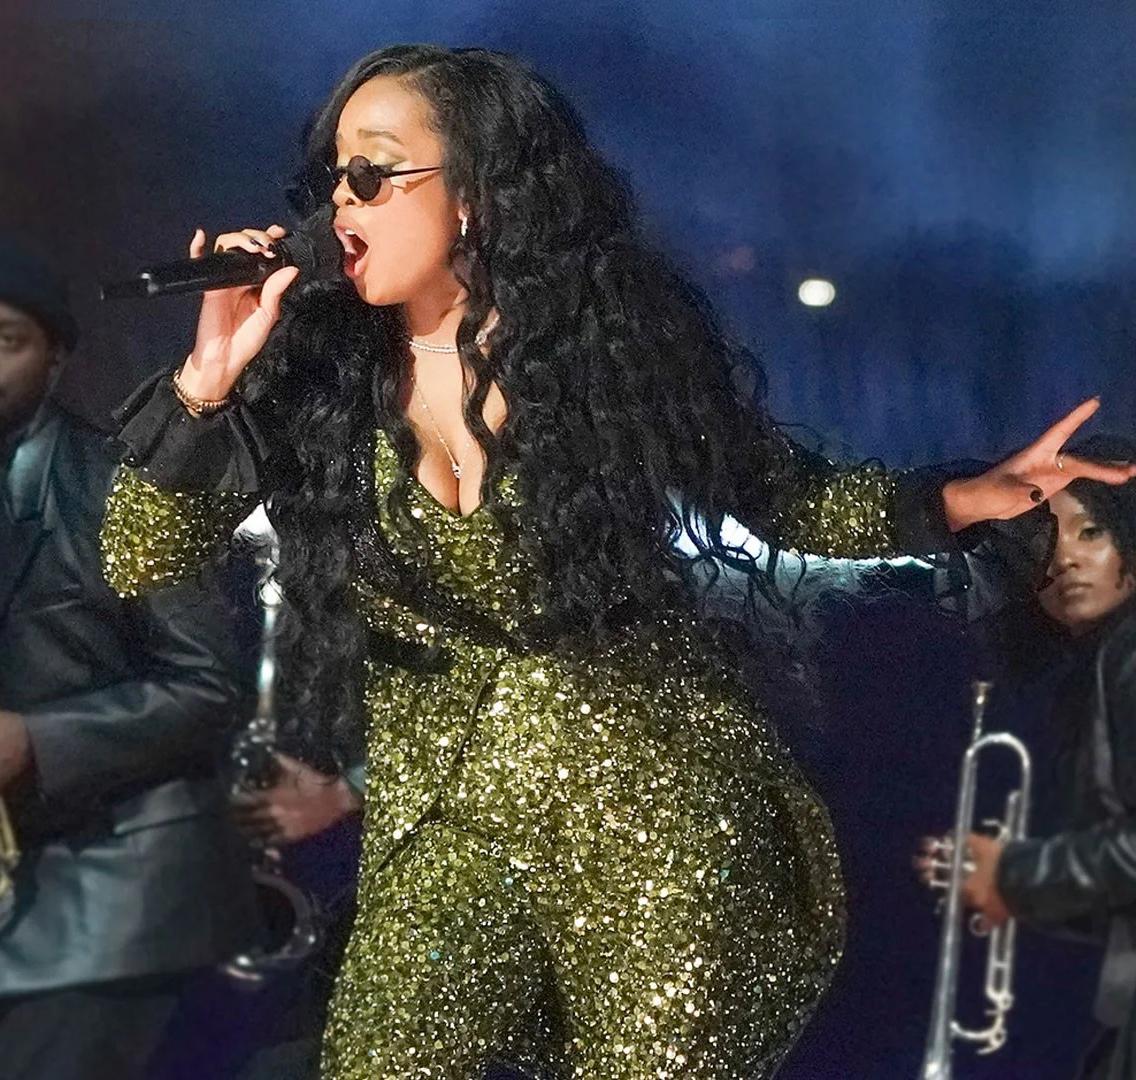 Foto quadrada da cantora H.E.R. Ela é uma mulher negra, de cabelos preto, longo e ondulado. Ela usa um macacão longo e dourado brilhante. Usa também óculos escuro redondo. Em sua mão direita há um microfone. O fundo é azul e vemos mais pessoas da banda.